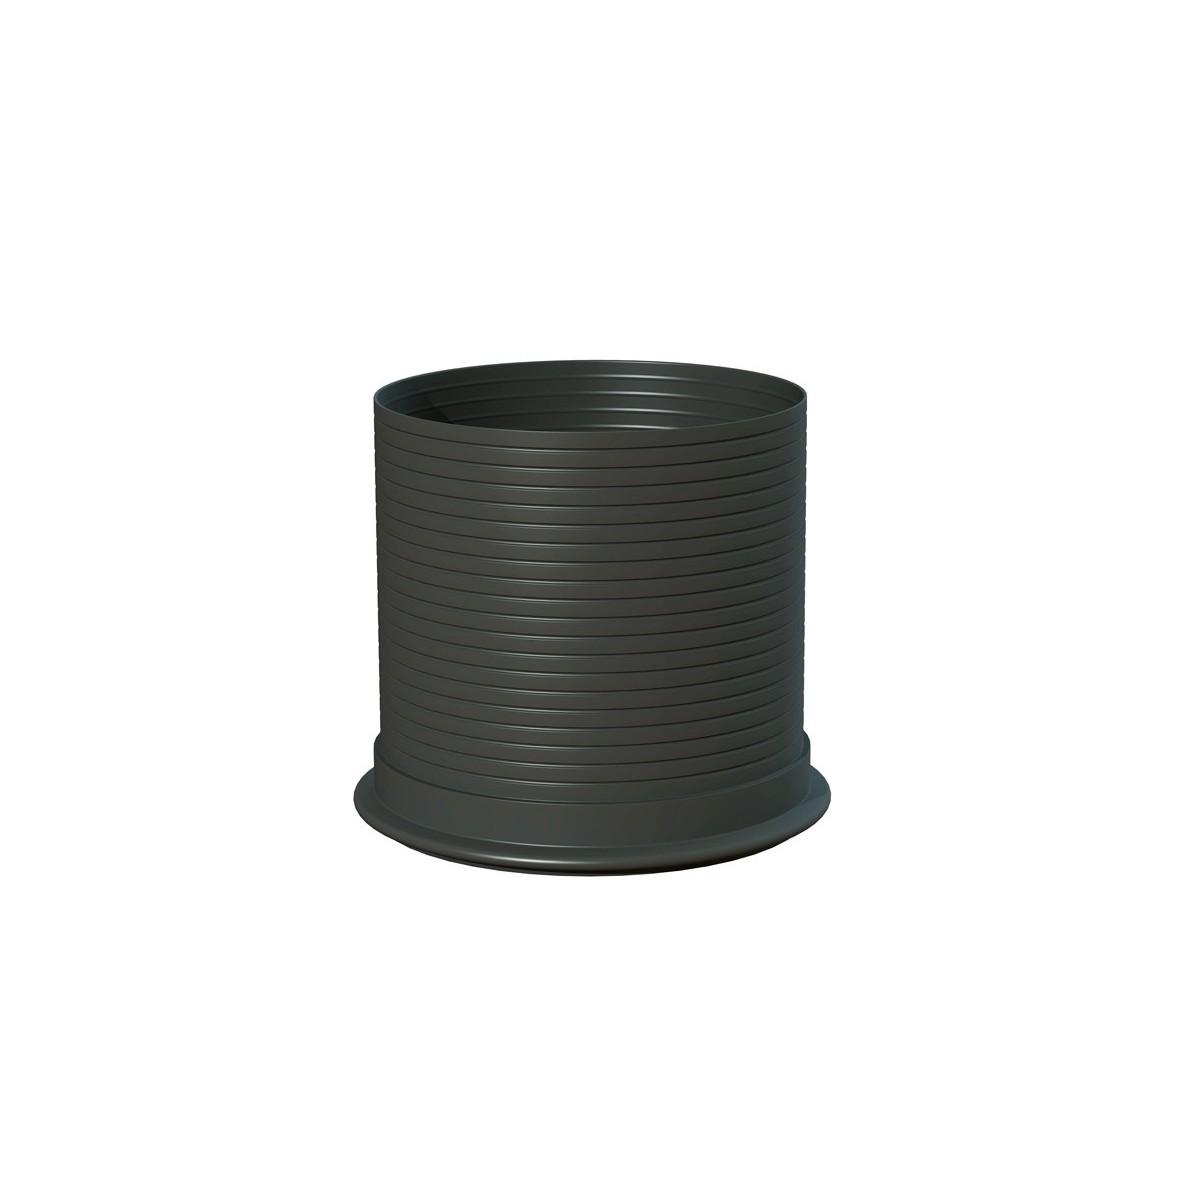 Pierścień dystansowy 60 cm